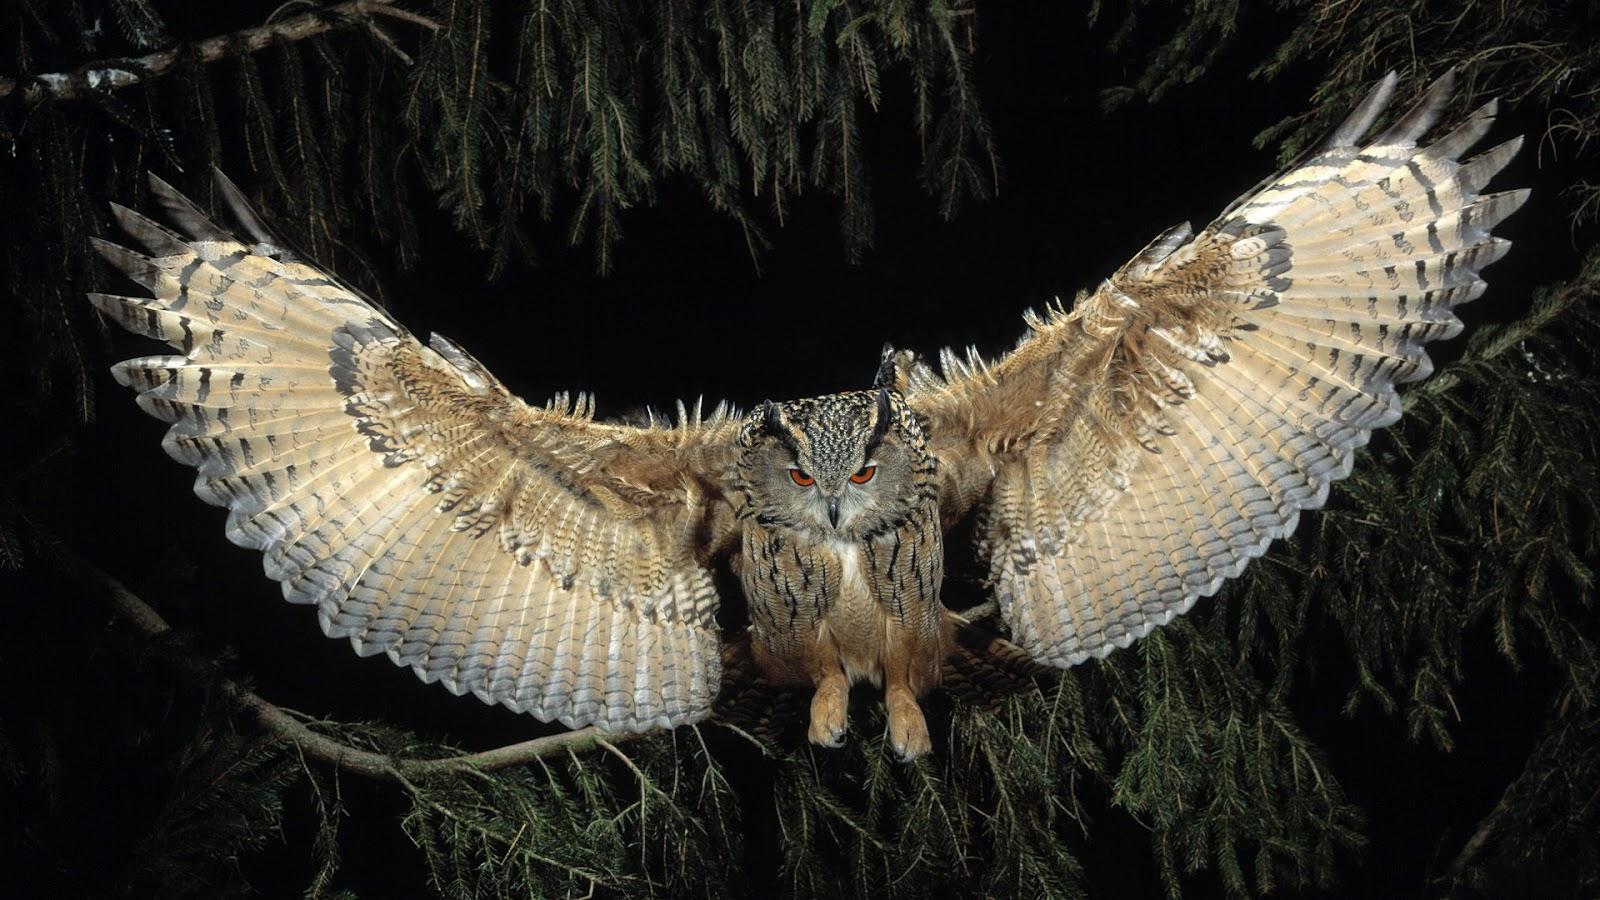 ... Owl Full HD... Owl Desktop Wallpaper Hd